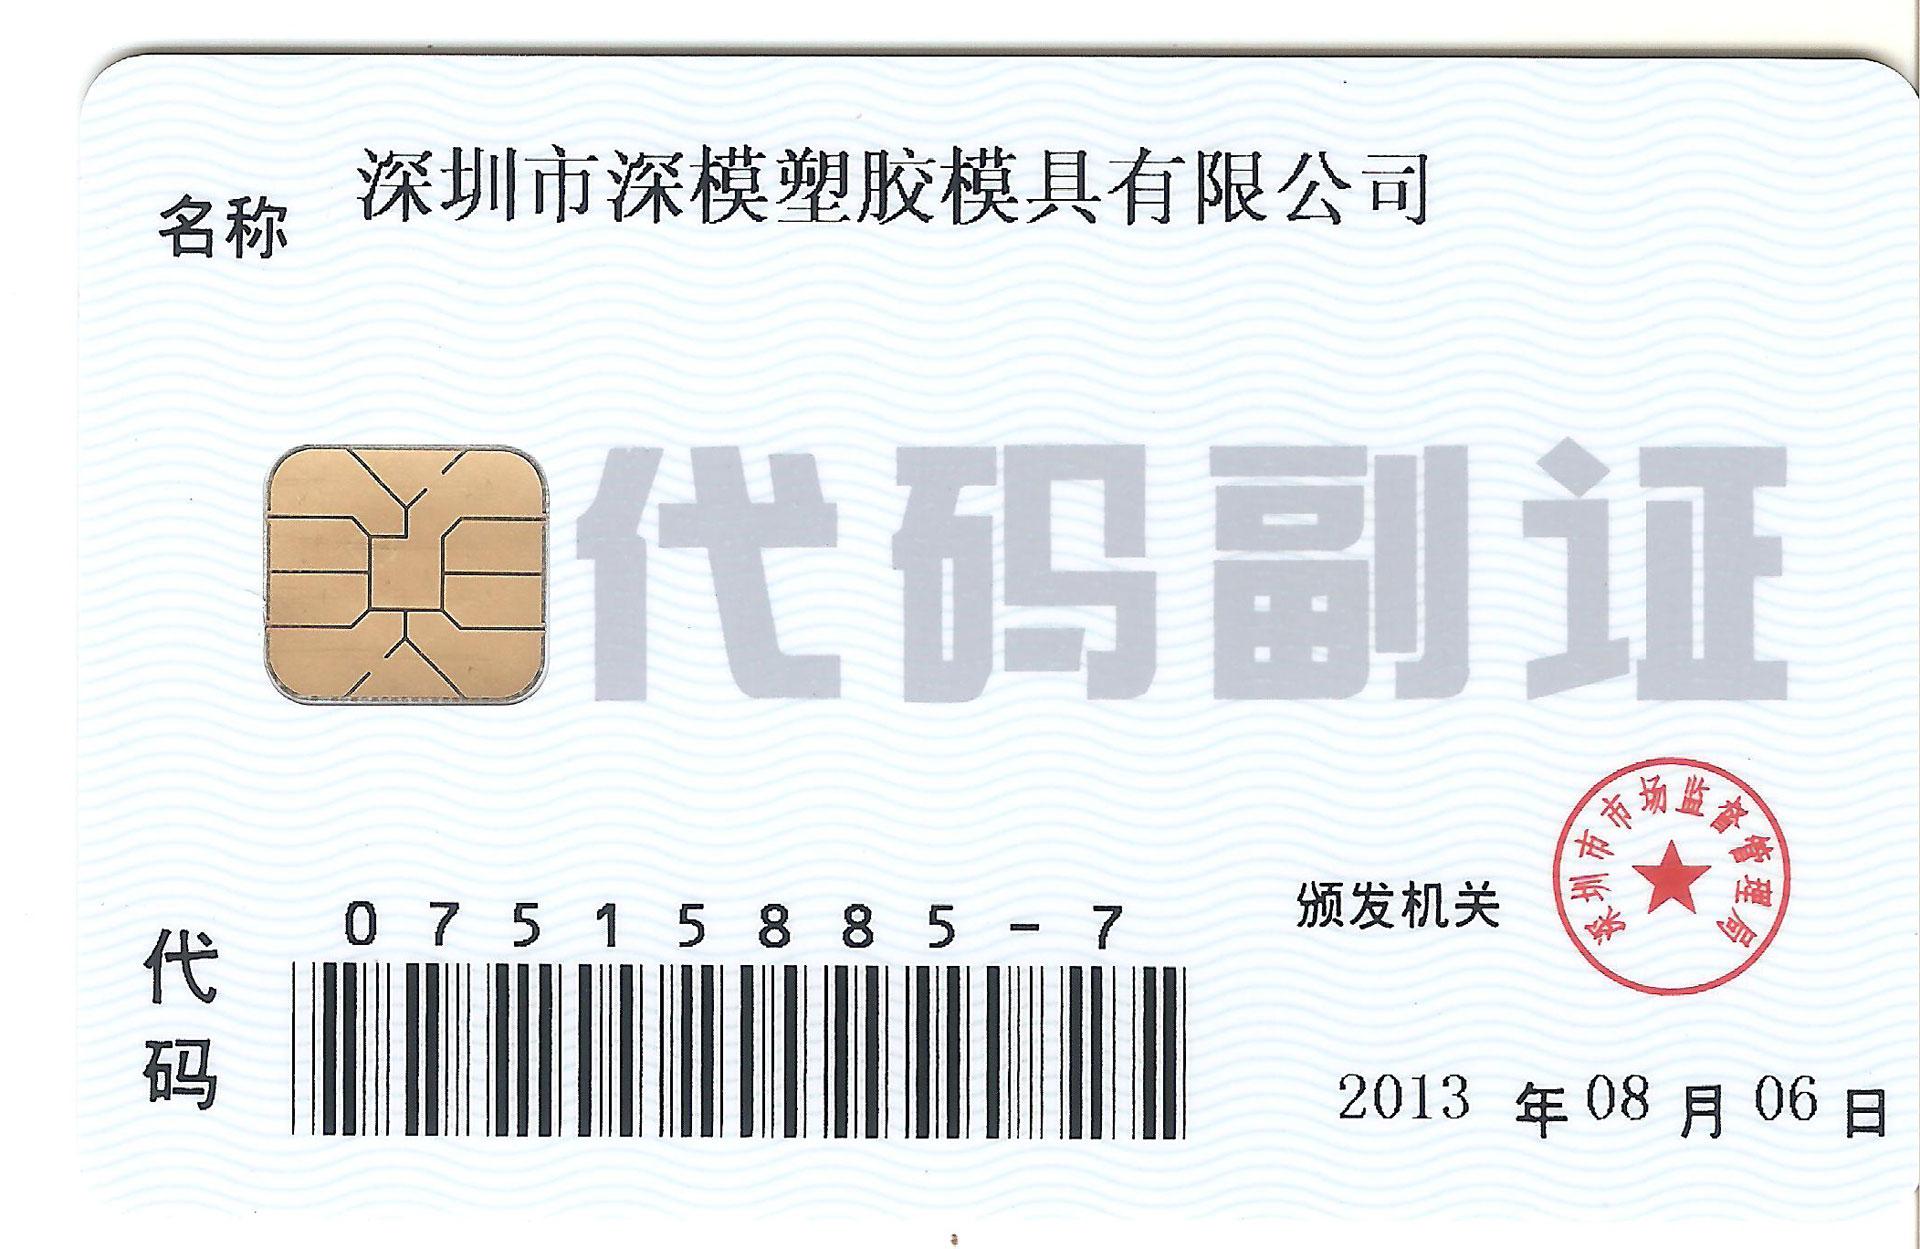 组织机构信息卡.jpg